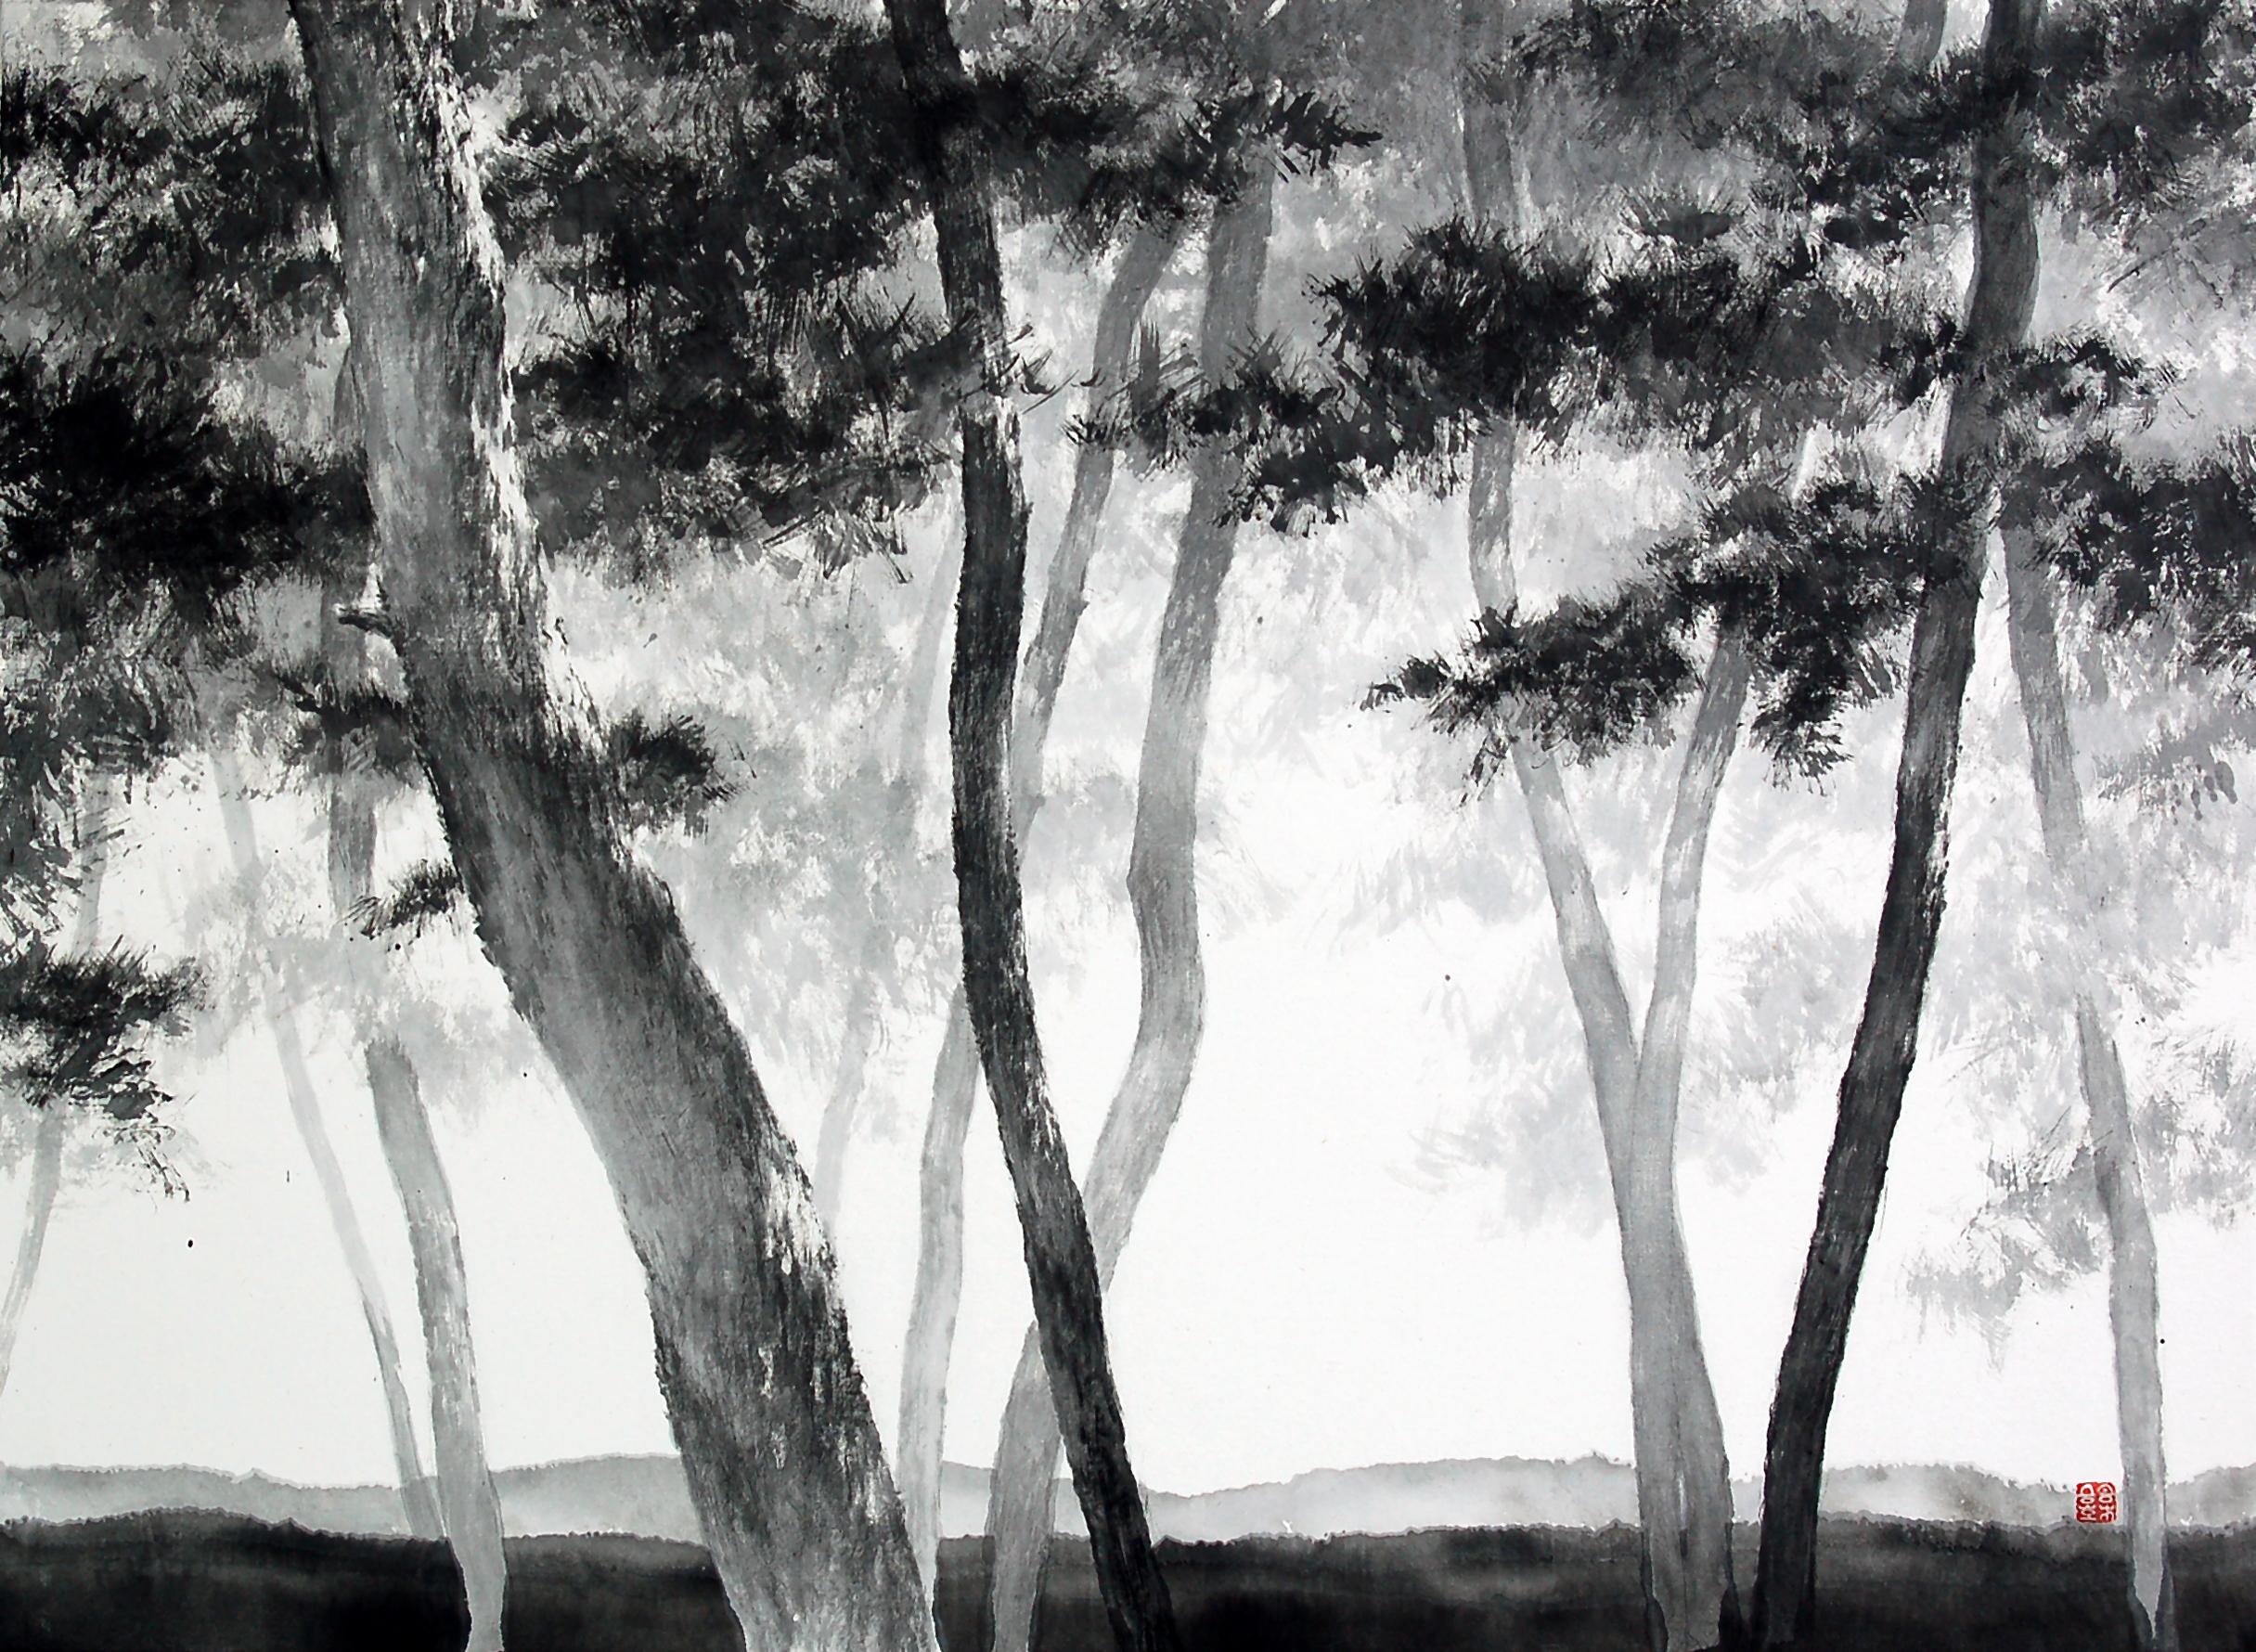 송승호, 송뢰, 73x53cm, 화선지에 수묵, 2014 (3)